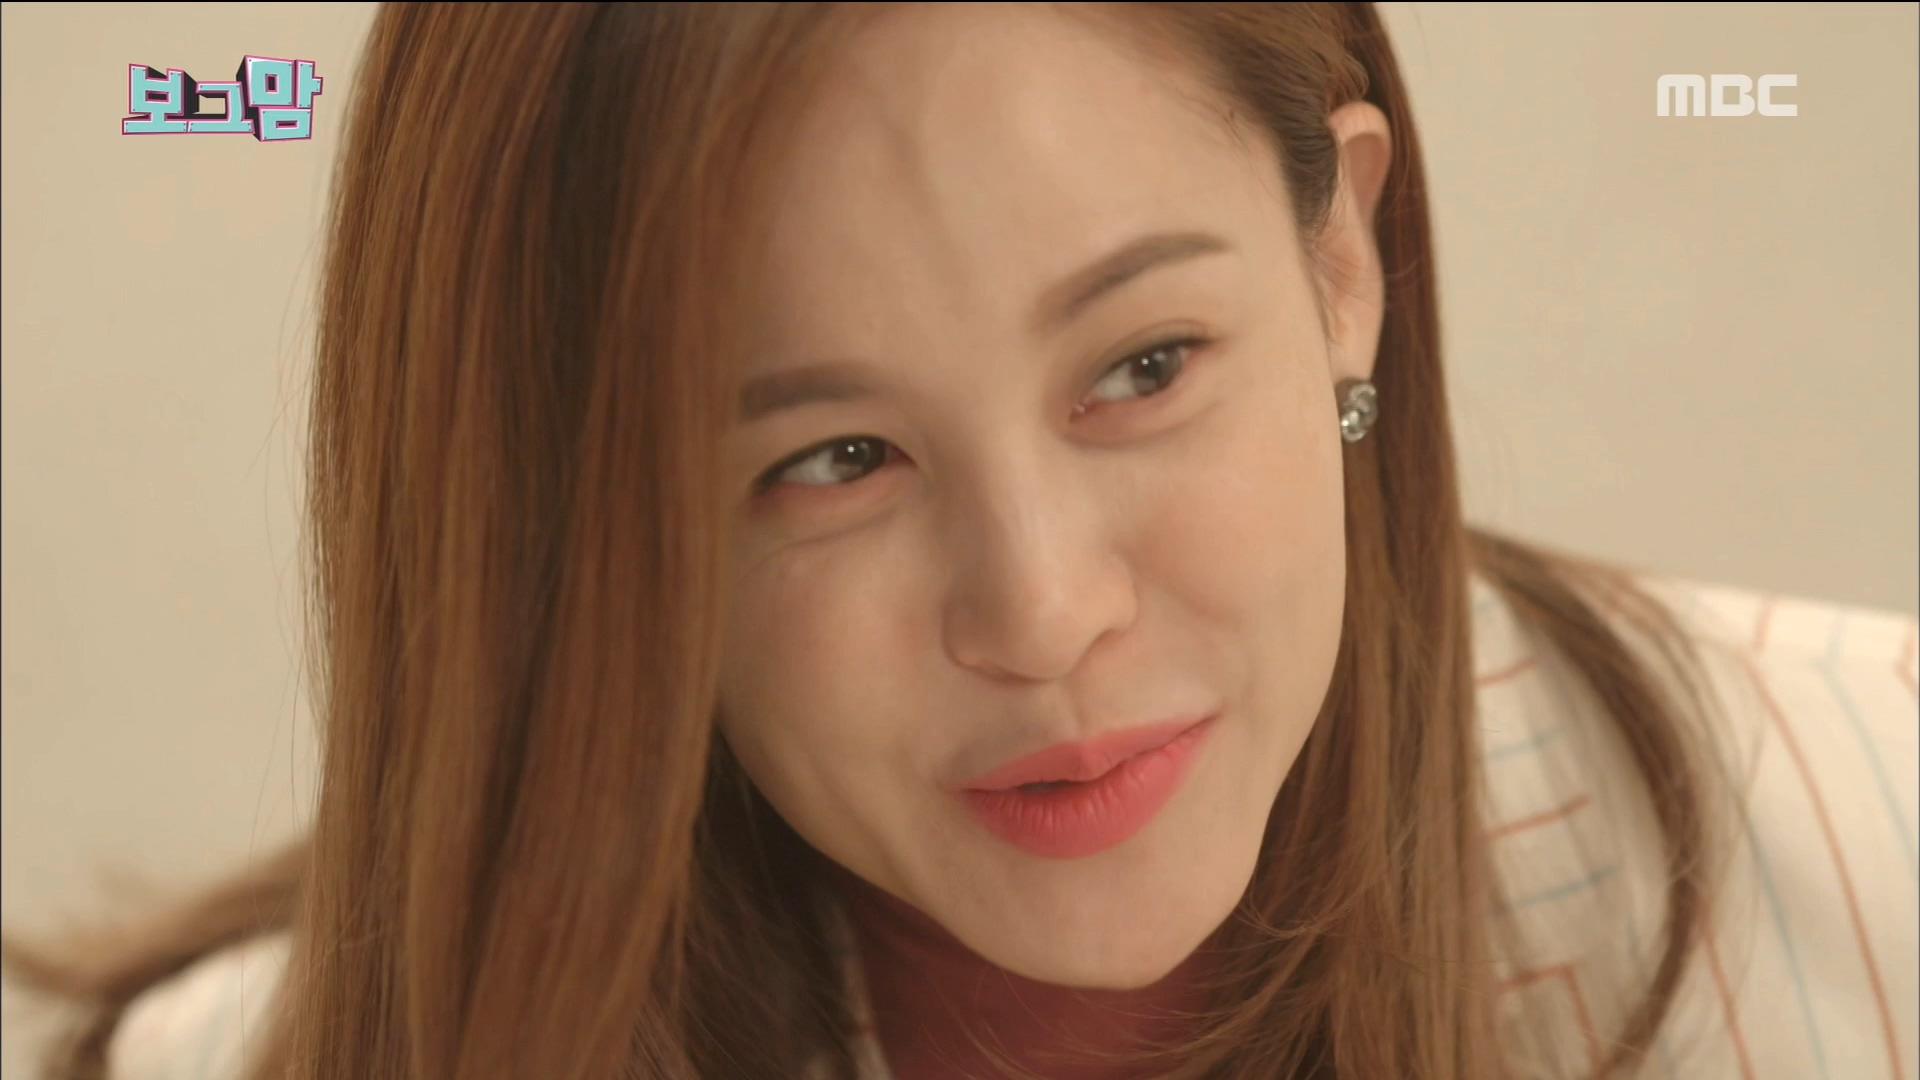 아이비, 김도혜 시켜, 박한별 집 샅샅이 뒤지게 해!